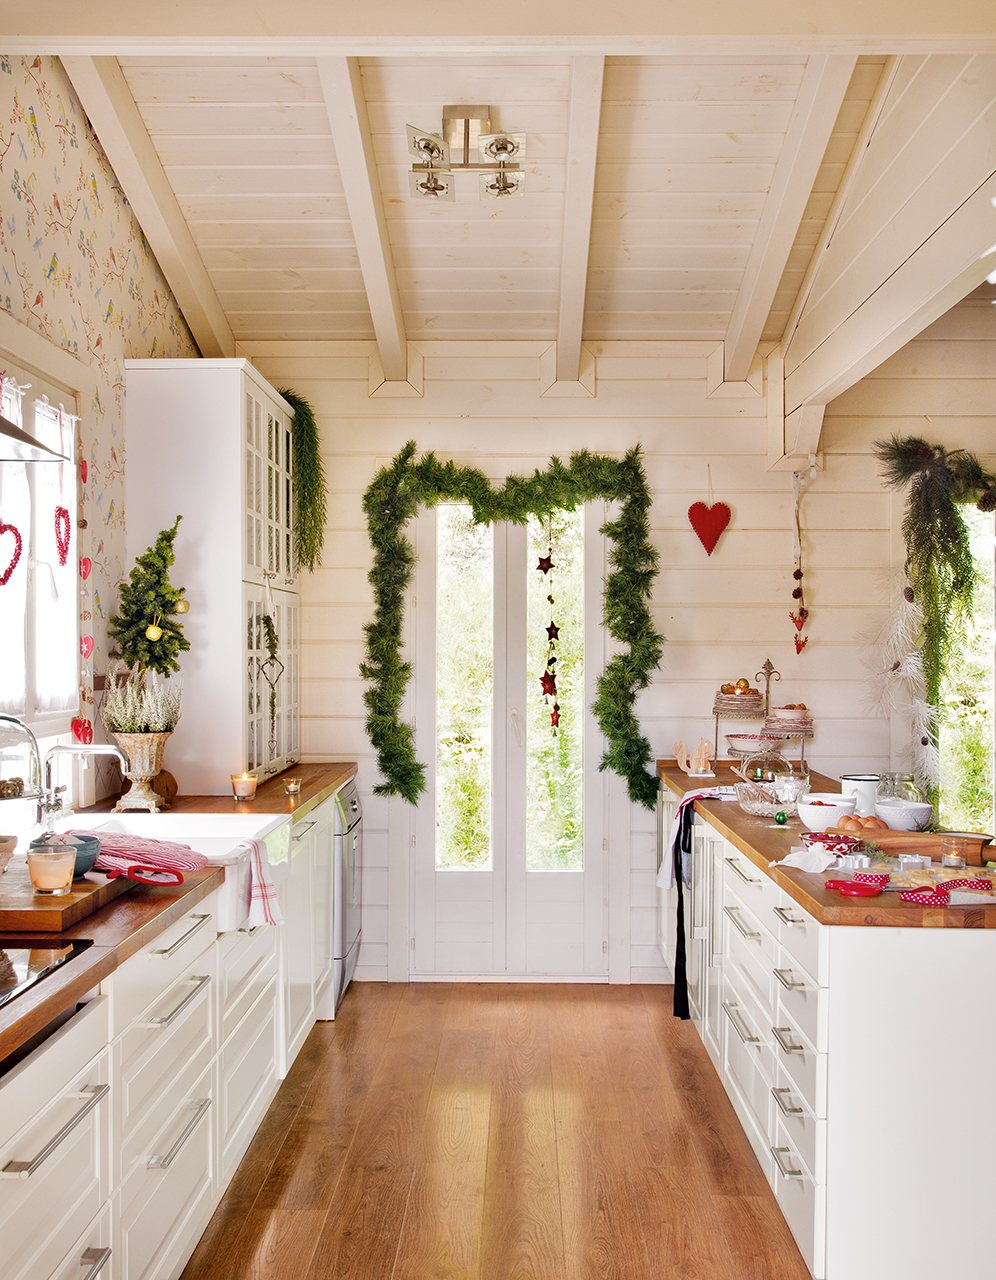 En esta cocina se cuece una navidad deliciosa - Papel pared cocina ...